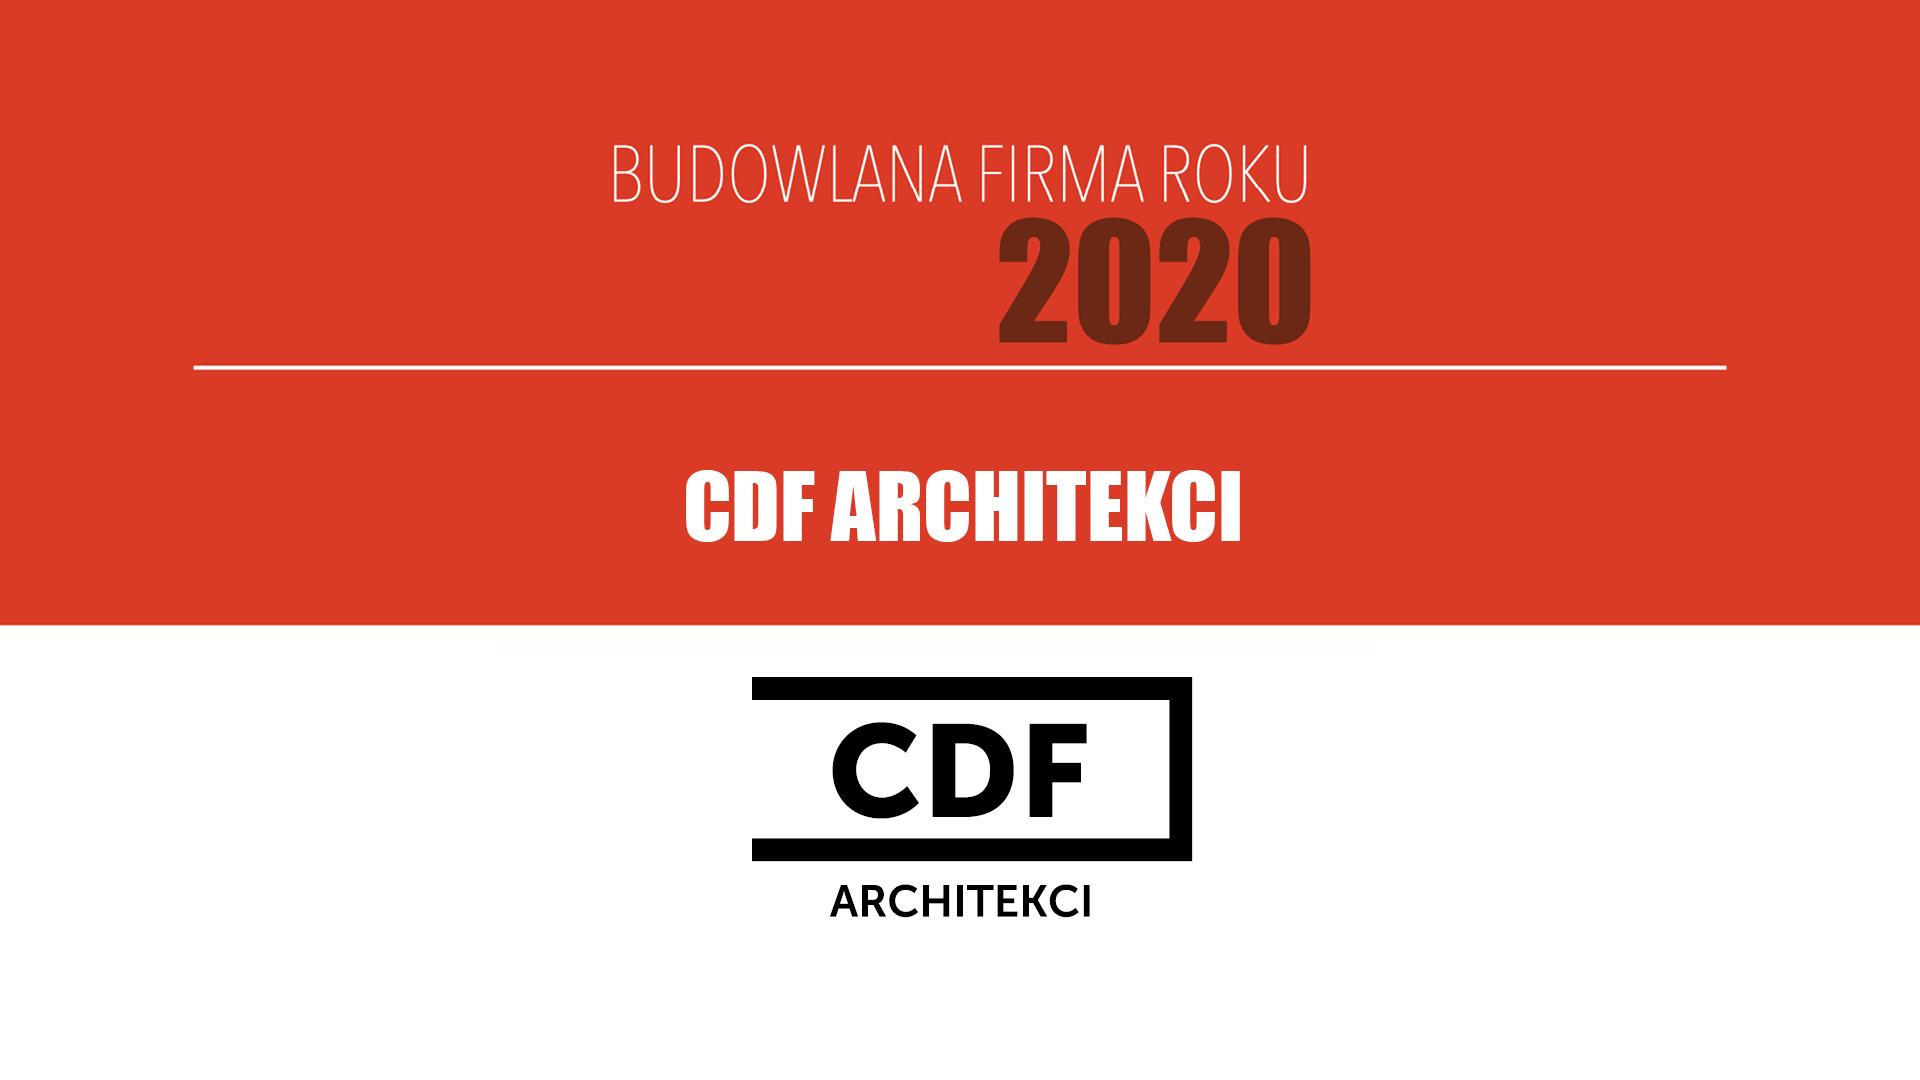 CDF ARCHITEKCI – Budowlana Firma Roku 2020